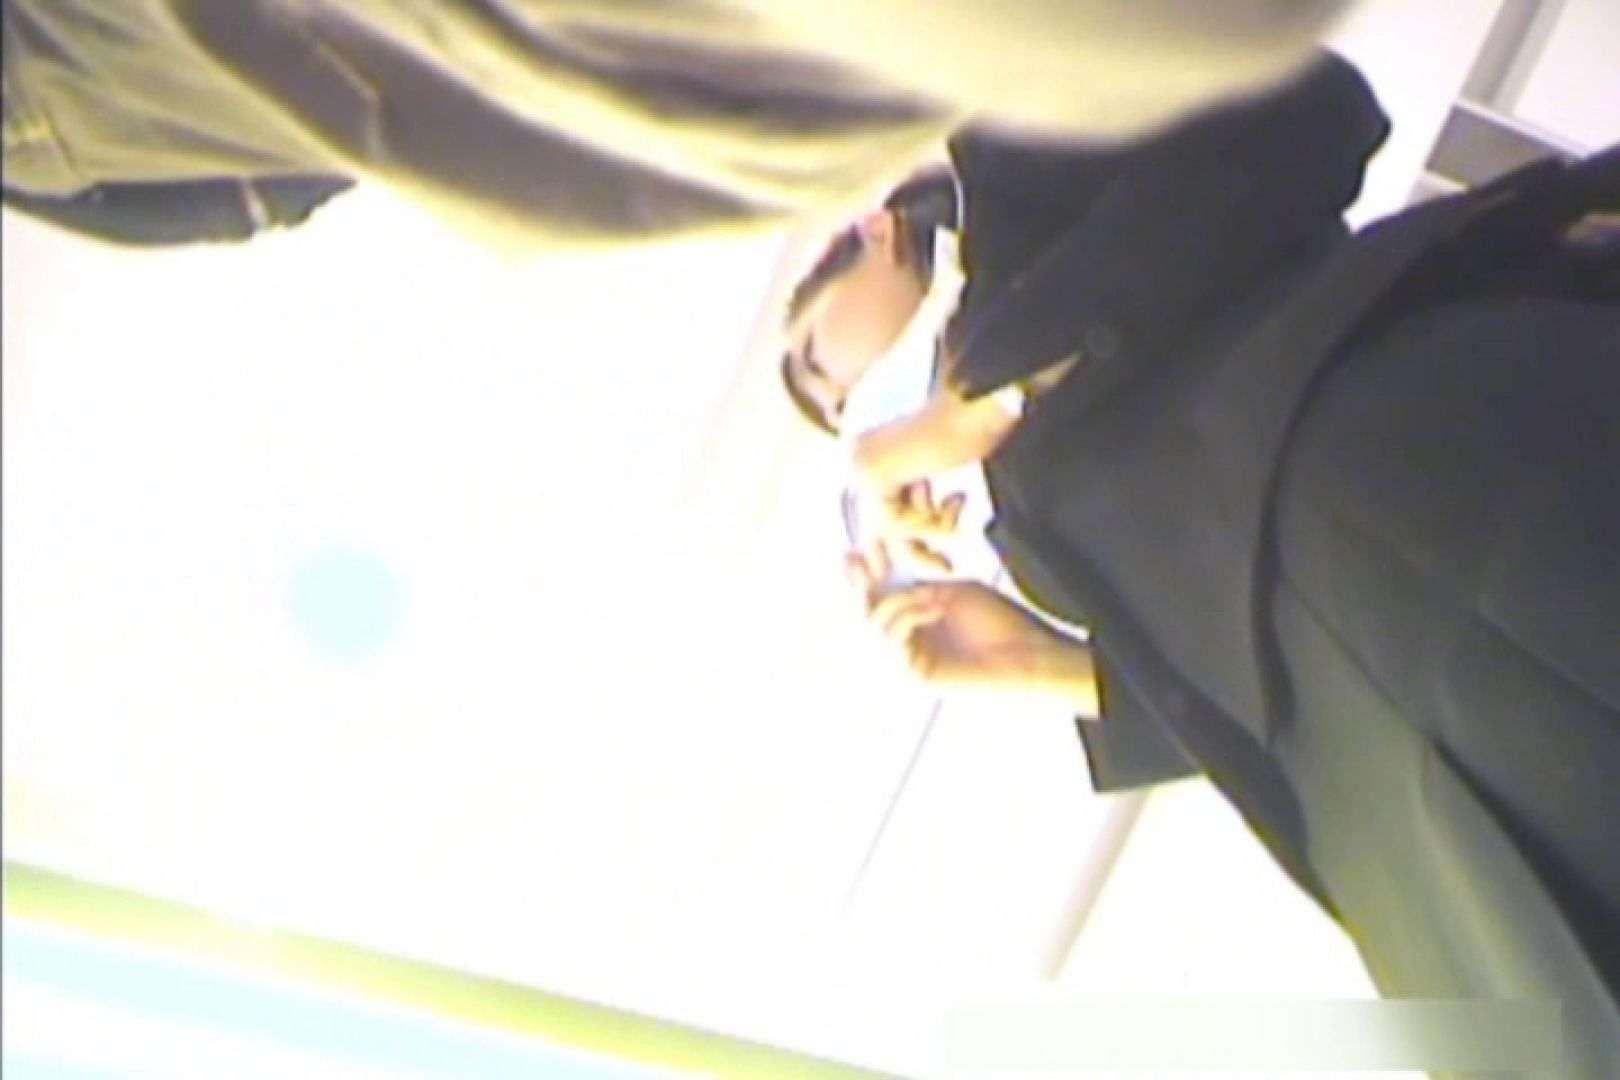 バモスさん投稿!パンチラの真髄!ショップ店員攻略法!VOL.03 チラ 盗撮アダルト動画キャプチャ 52pic 19